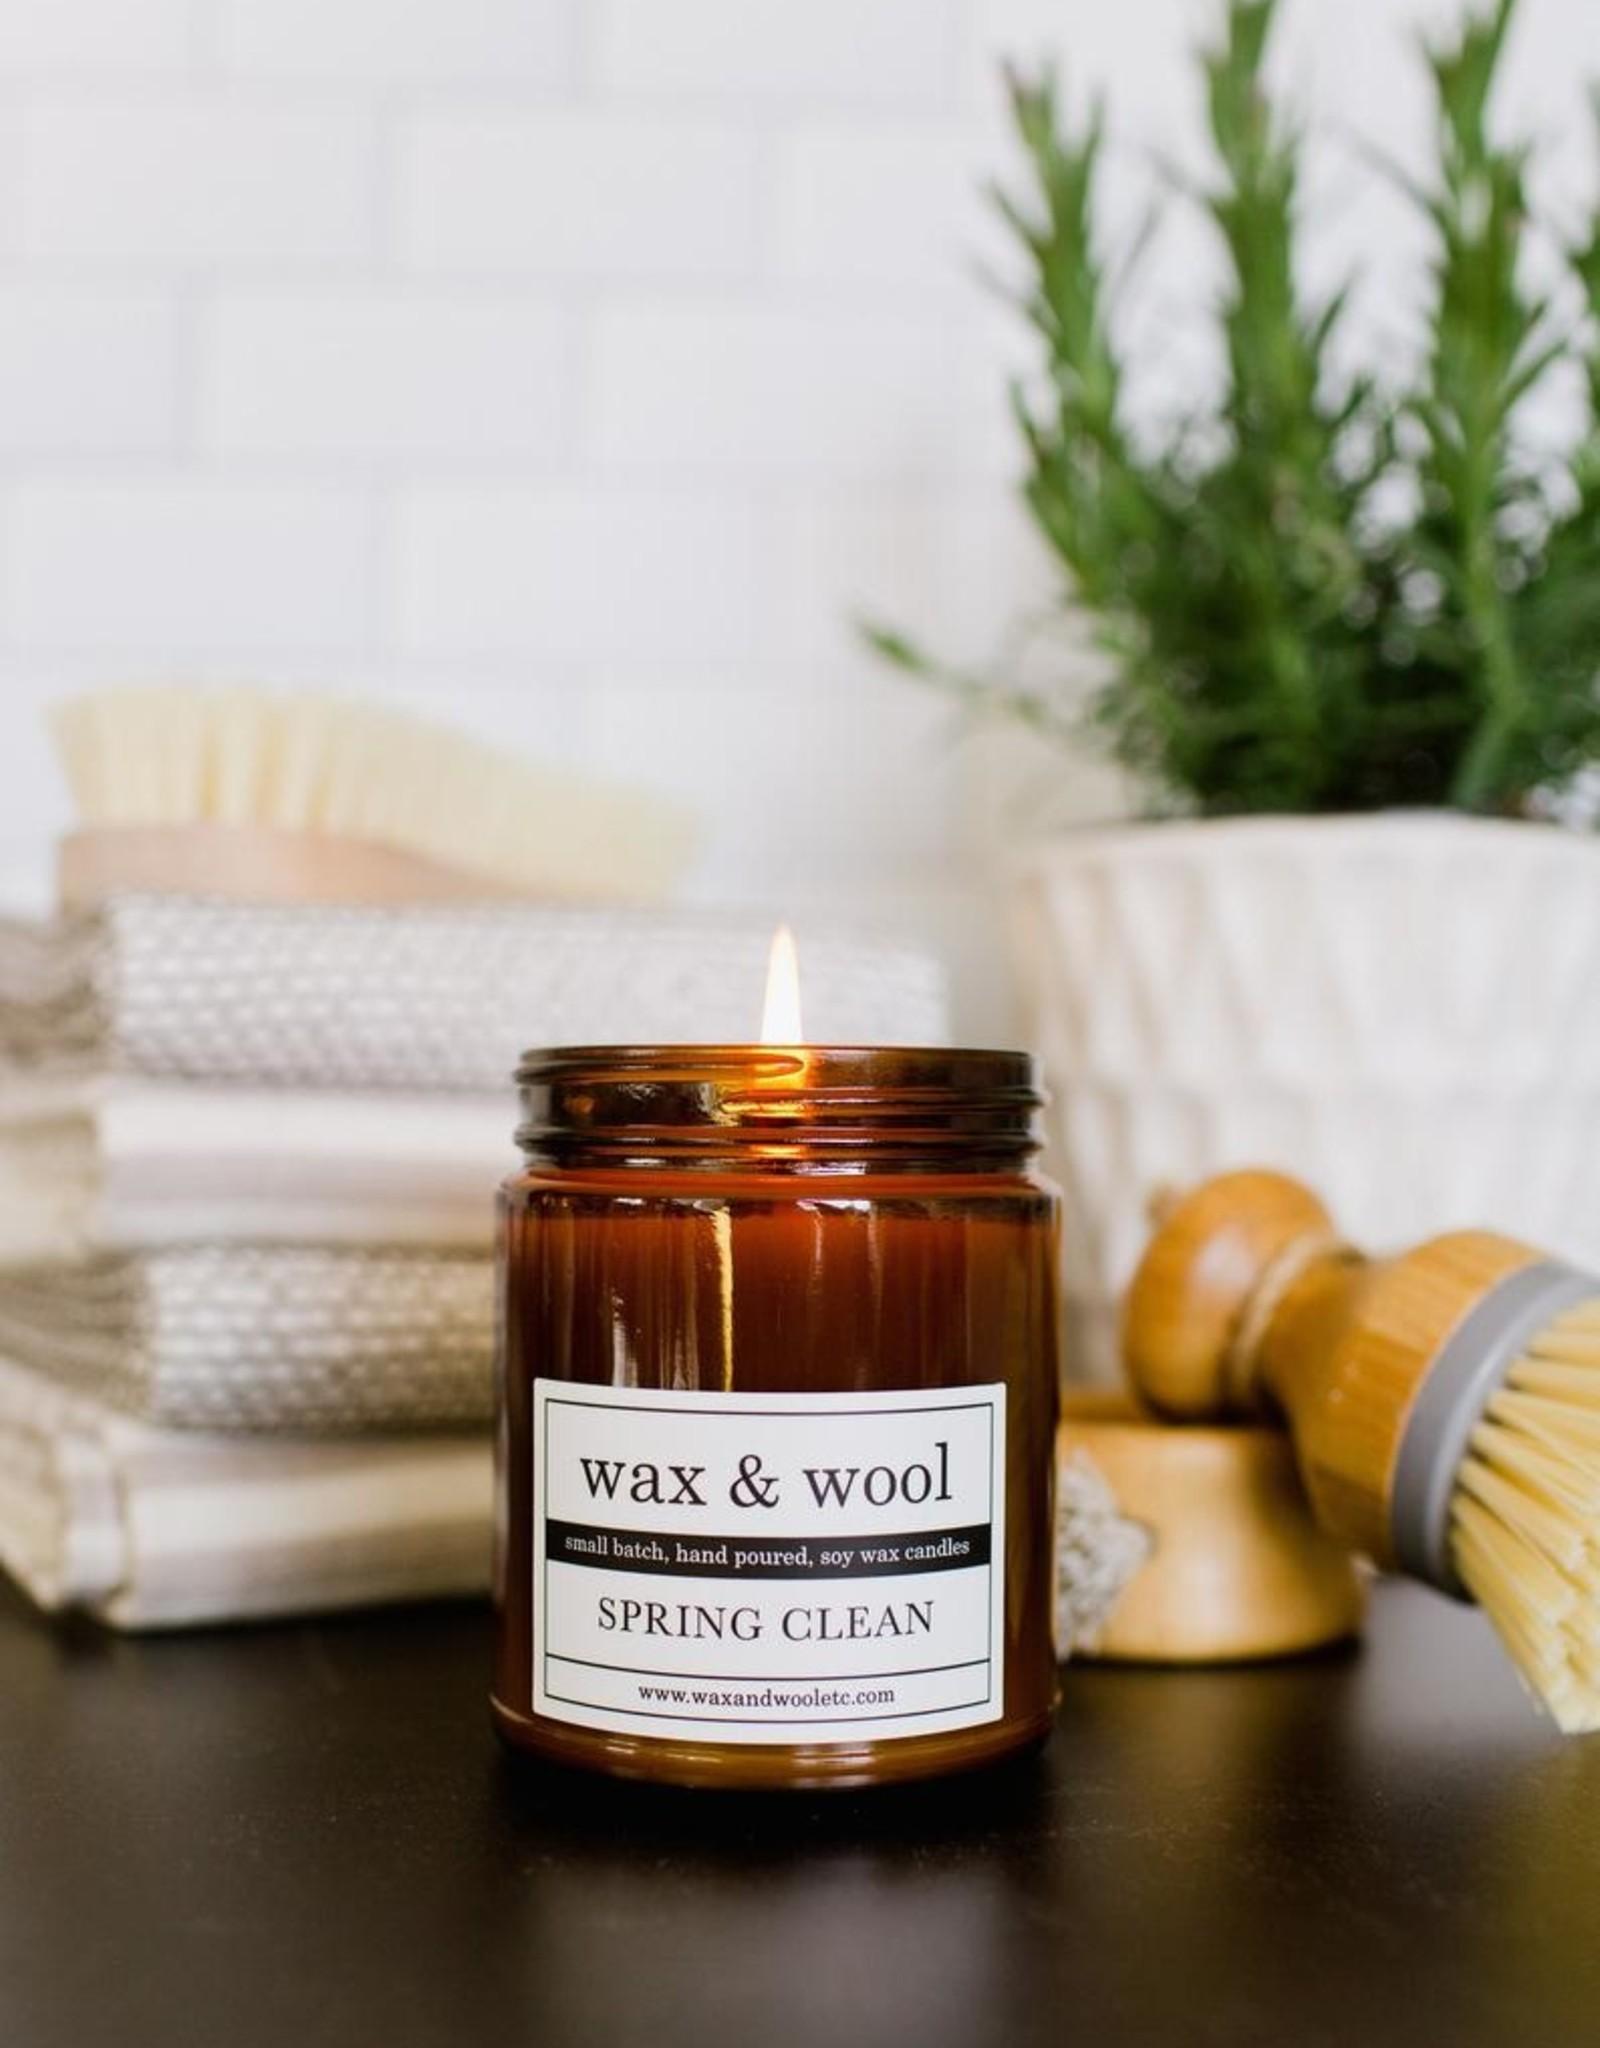 Wax & Wool Candles